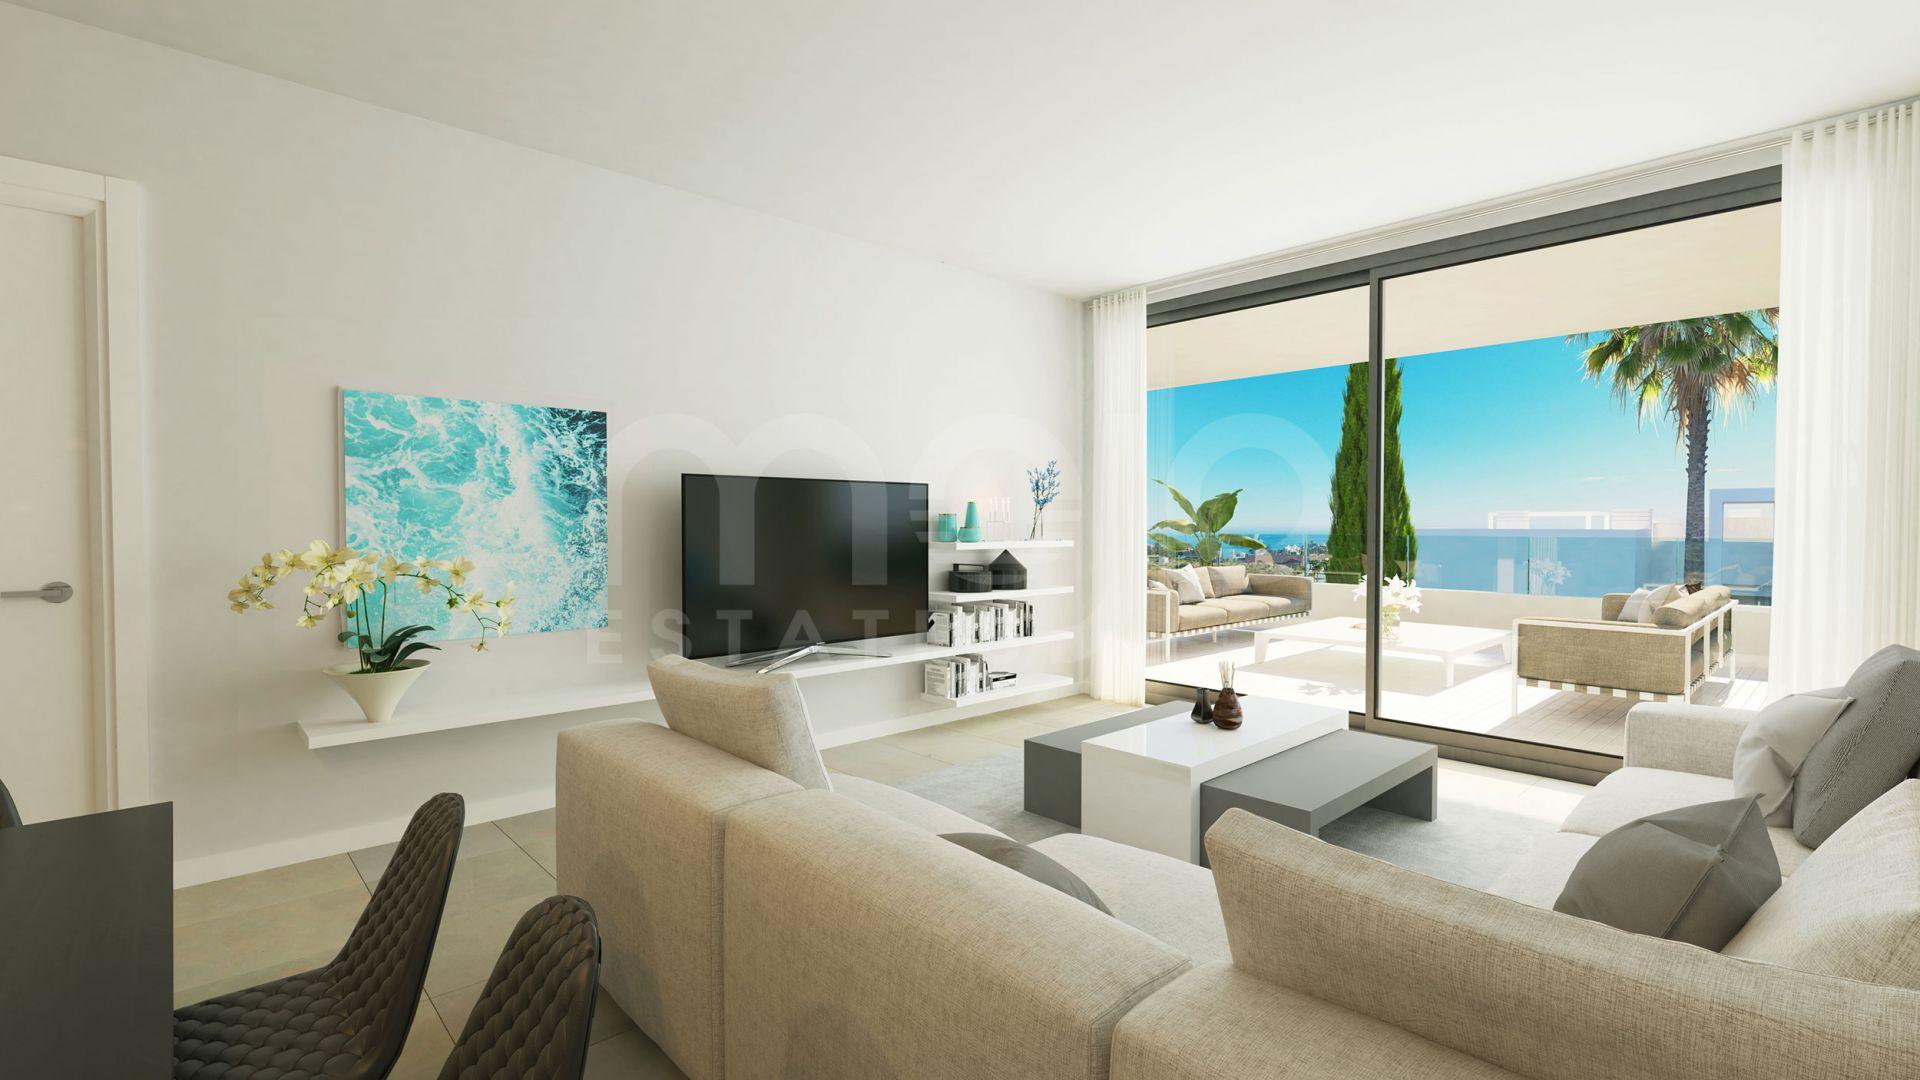 Appartement rez de chaussée en vente à Estepona Golf, Estepona